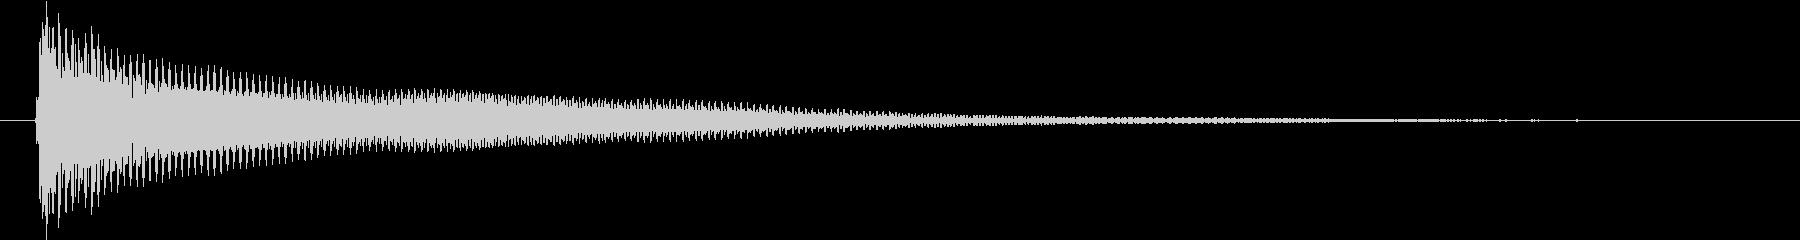 パーカッション 口ハープ15の未再生の波形